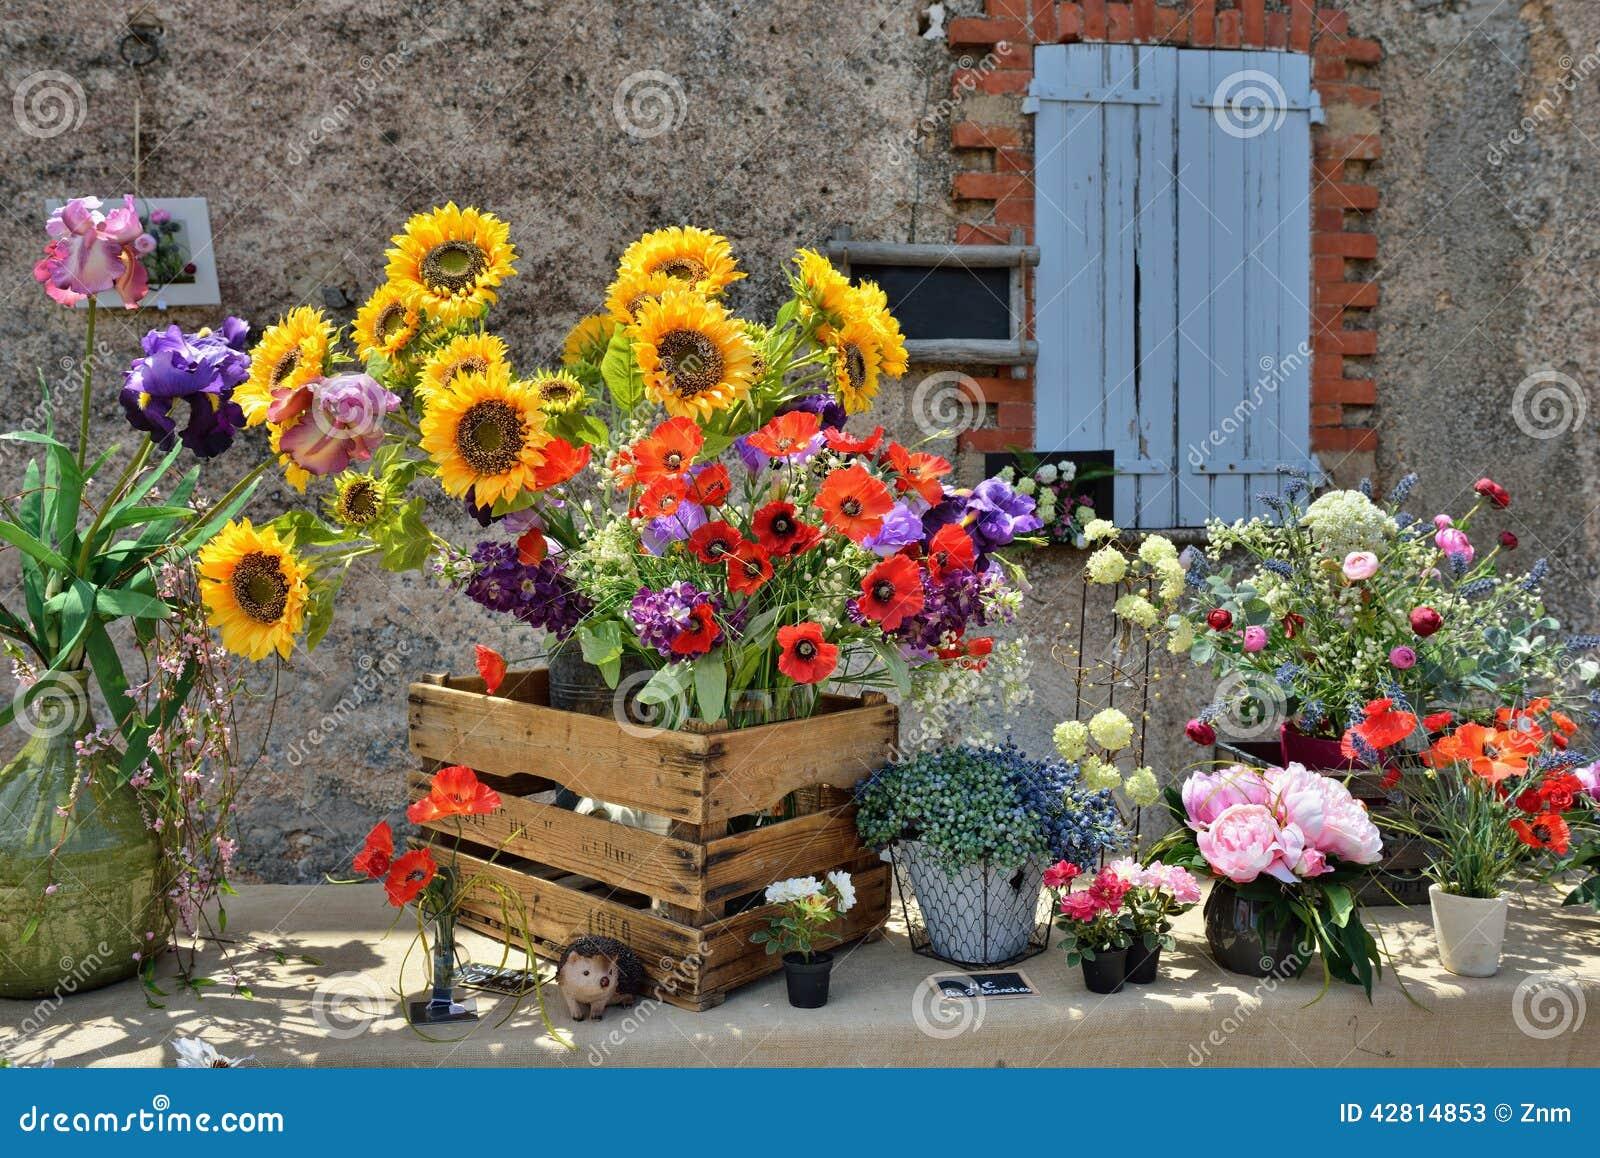 Provence France Stock Image Image Of Poppy Sunflower 42814853